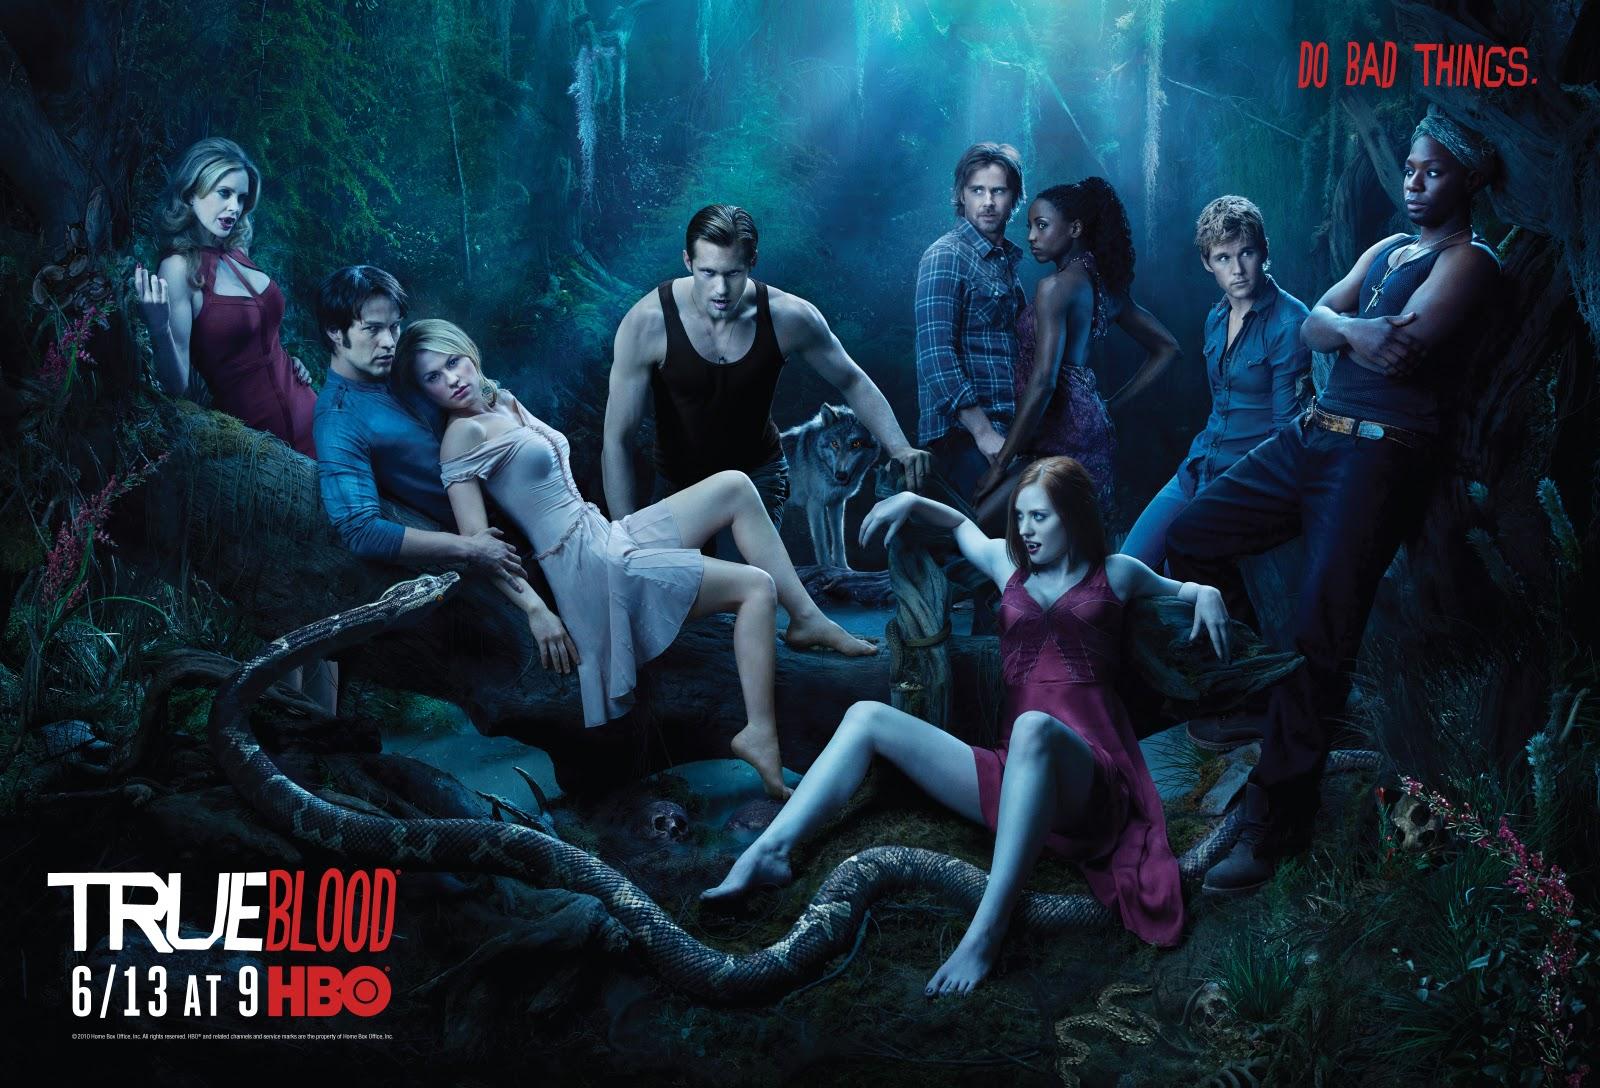 Posters Publicitarios 3 temporada TrueBloodseason3-poster